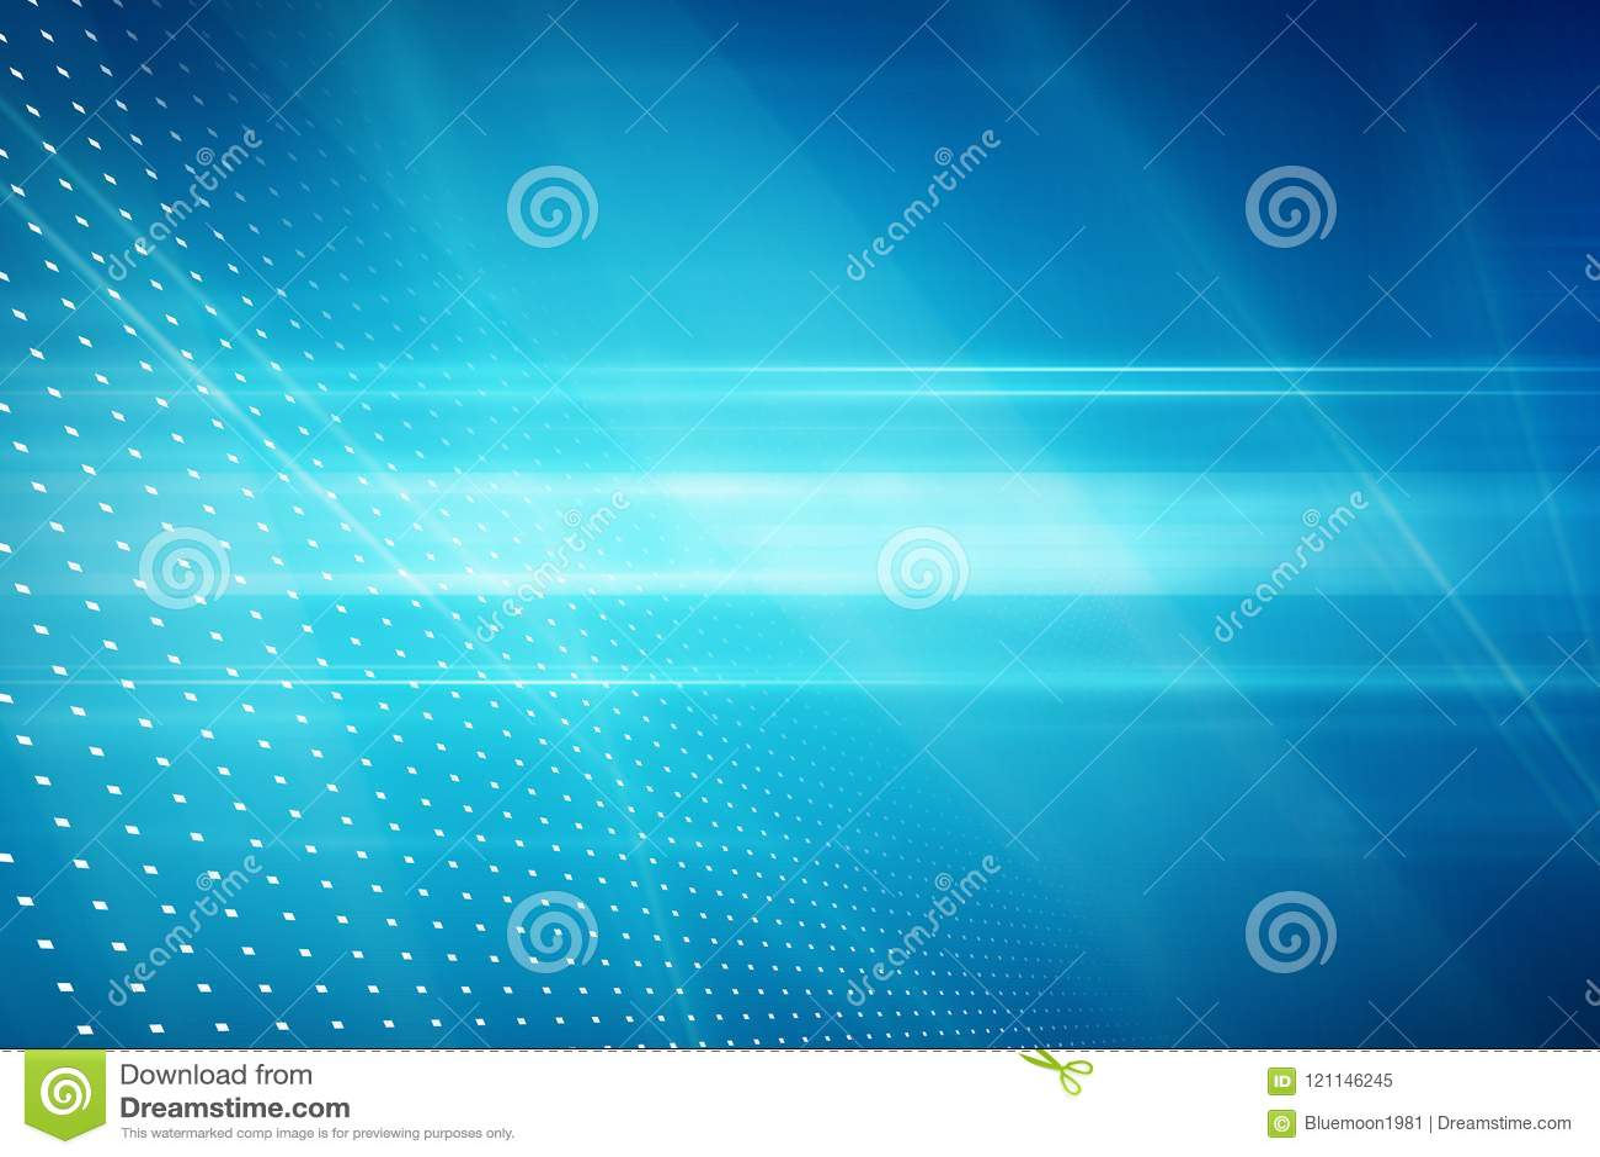 Fondo astratto grafico di tecnologia, raggi luminosi sulla parte posteriore del blu